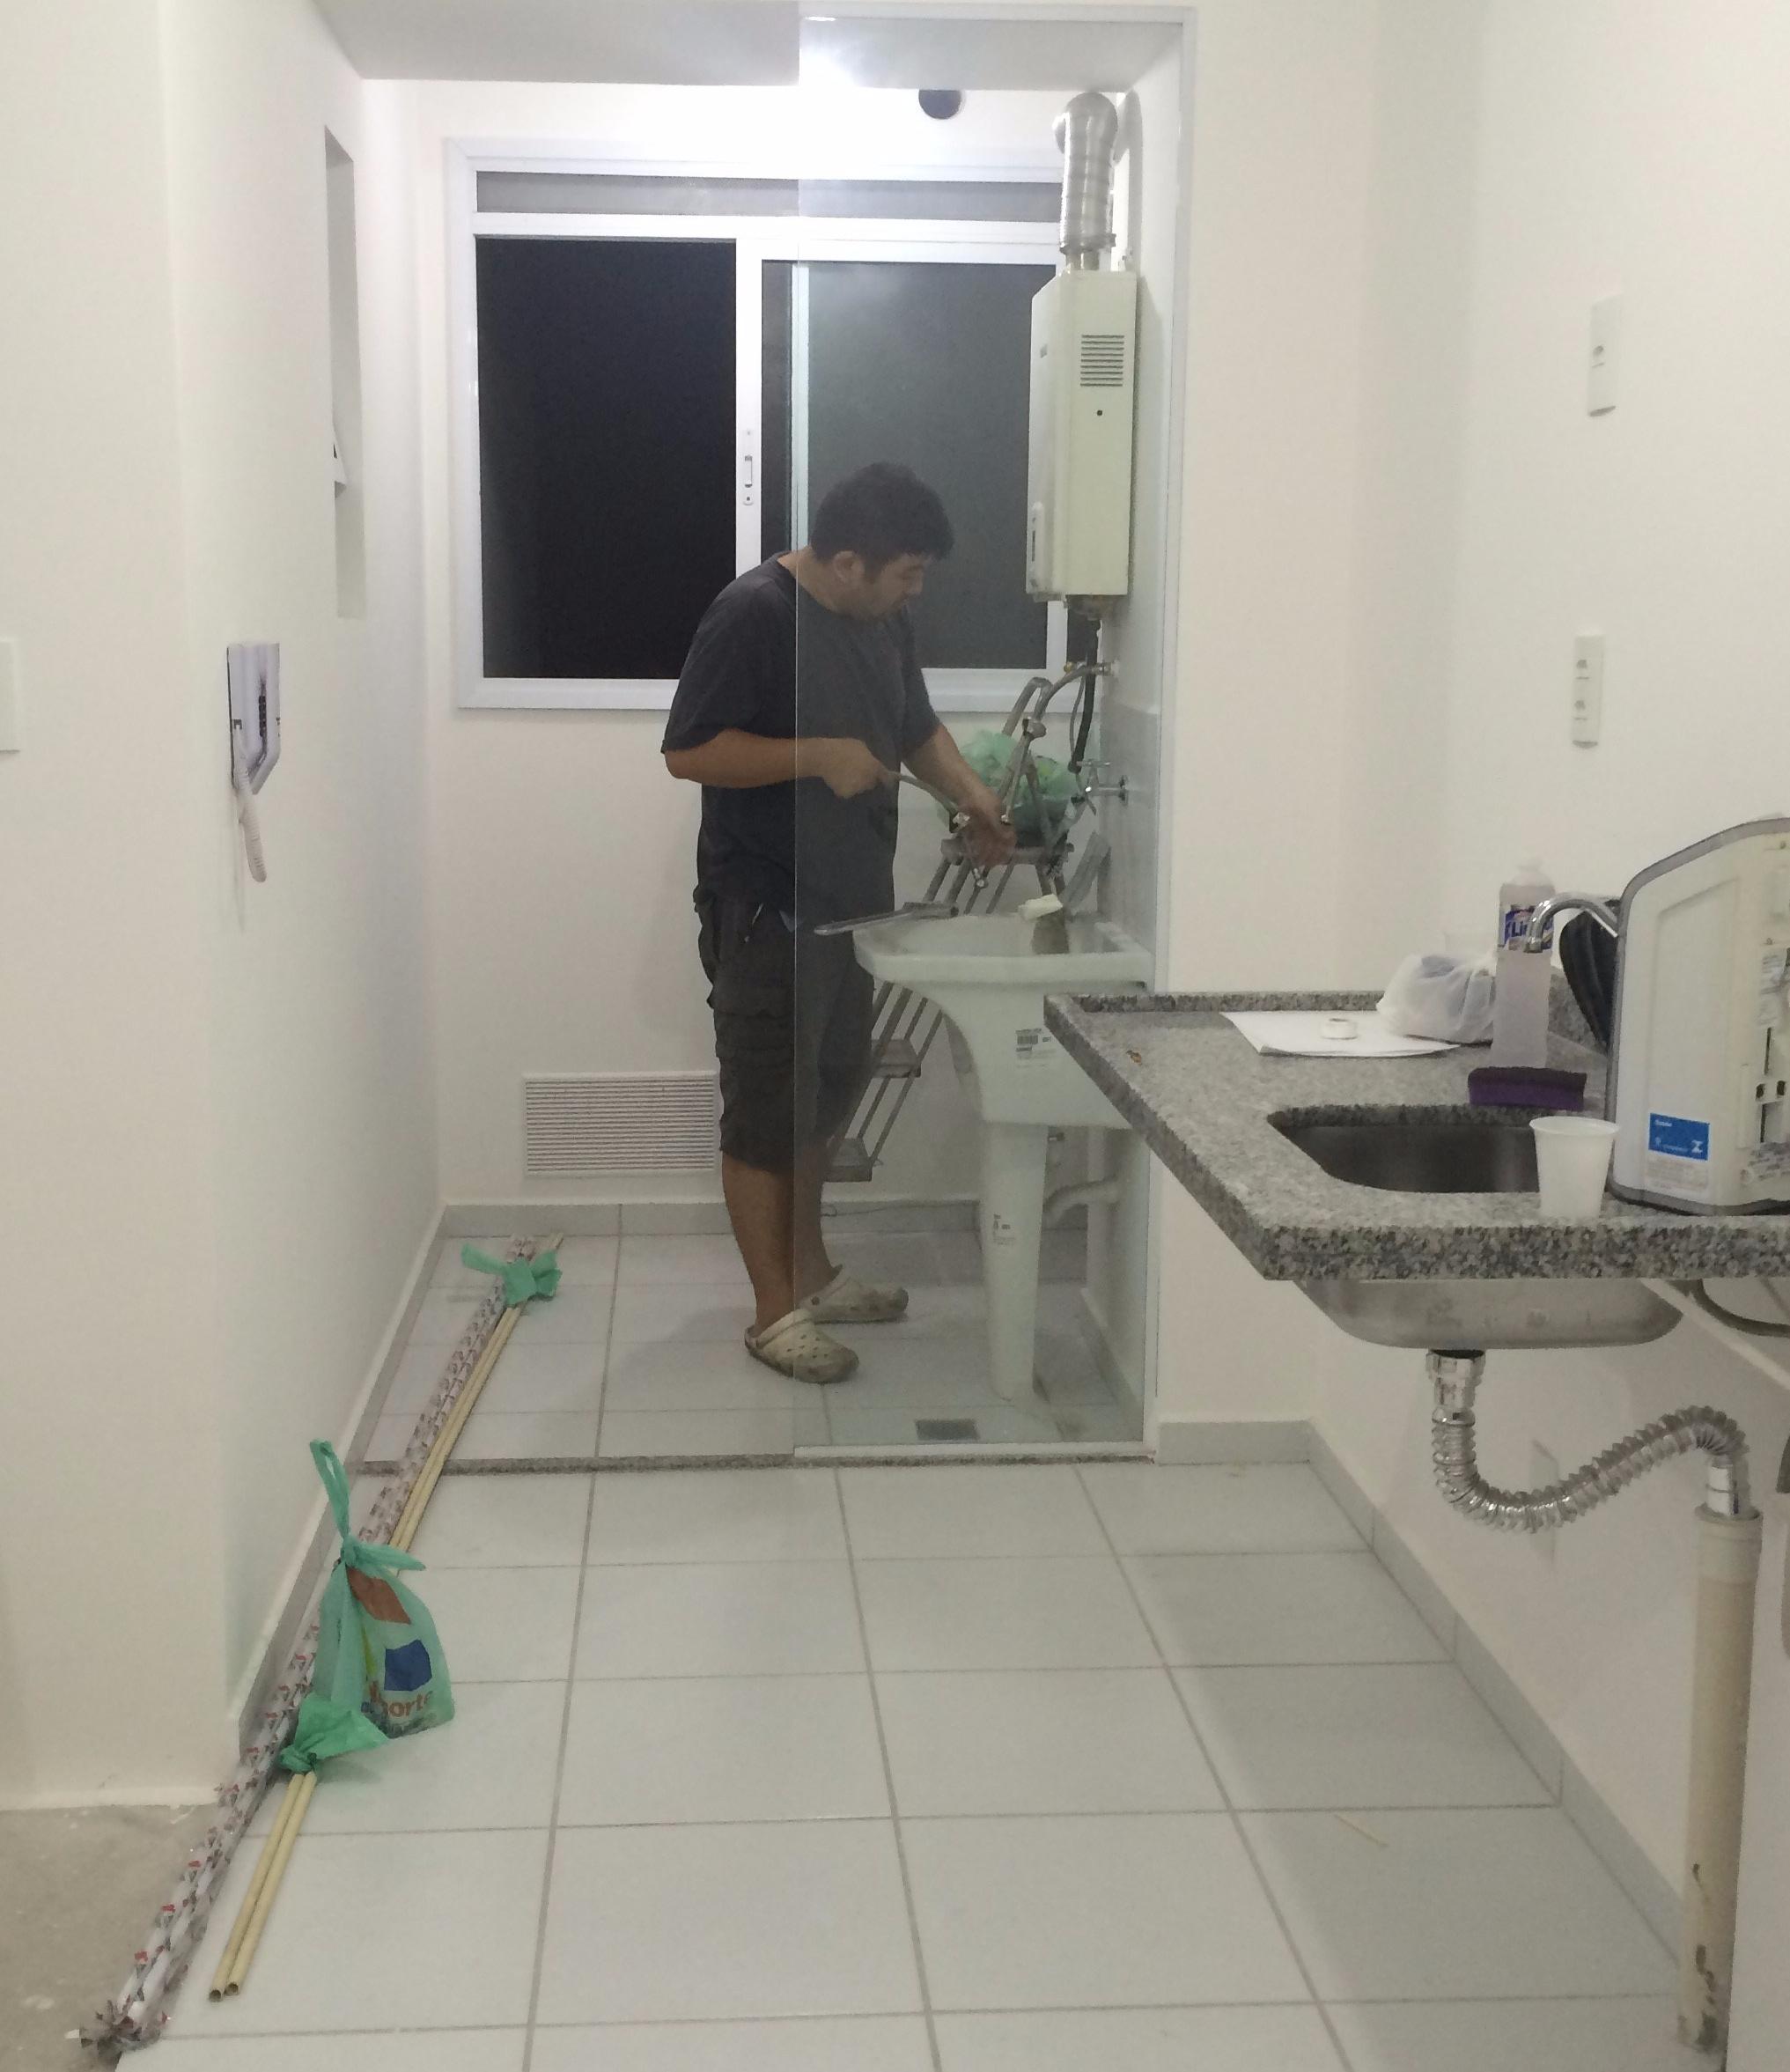 Cozinha antes da reforma by Cantinho da Tarsi